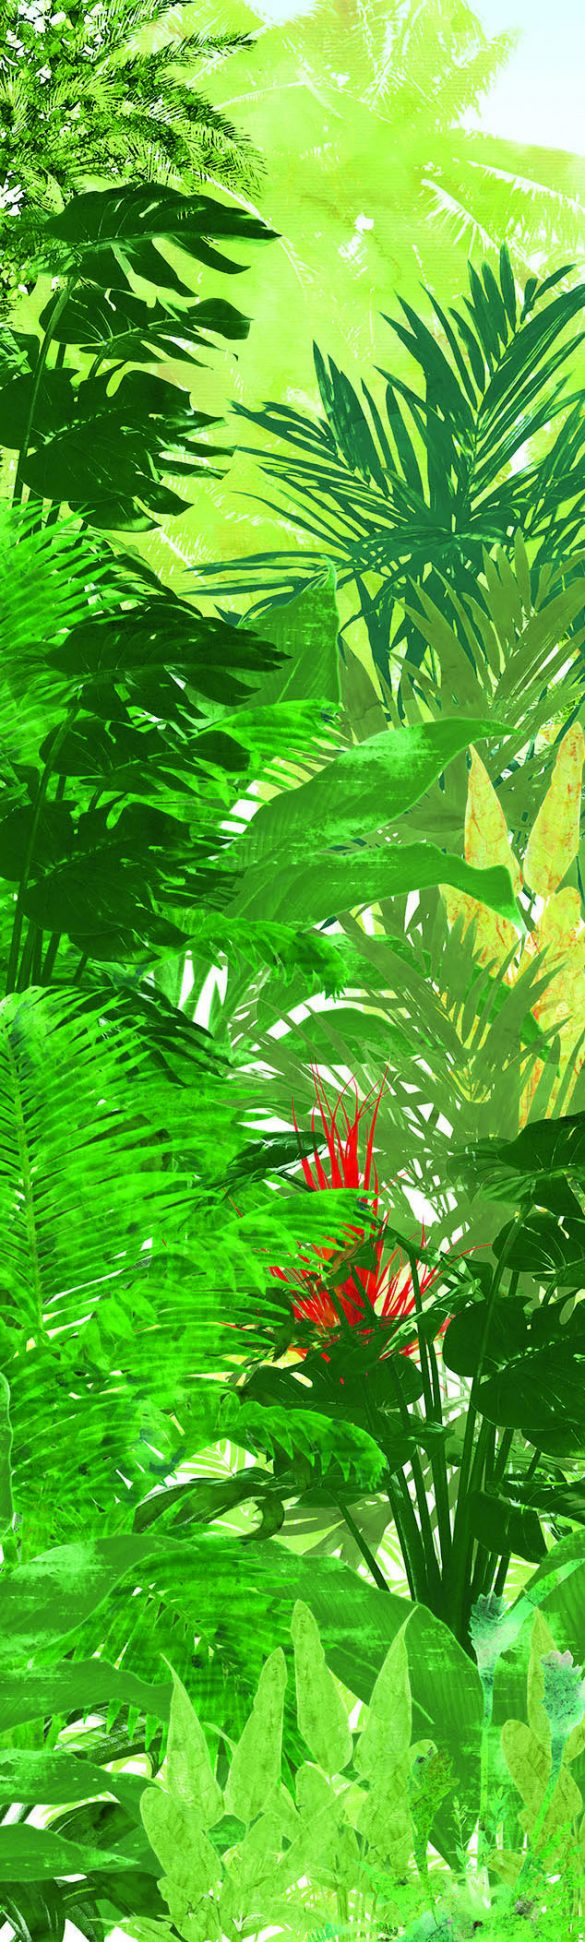 Richiami a mondi lontani, rigogliose vegetazioni e animali esotici sono pronti a prendere posto sulle pareti di casa grazie alla collezione Tropical Attitude. La carta da parati, con base in cellulosa e fibre tessili, è priva di PVC.